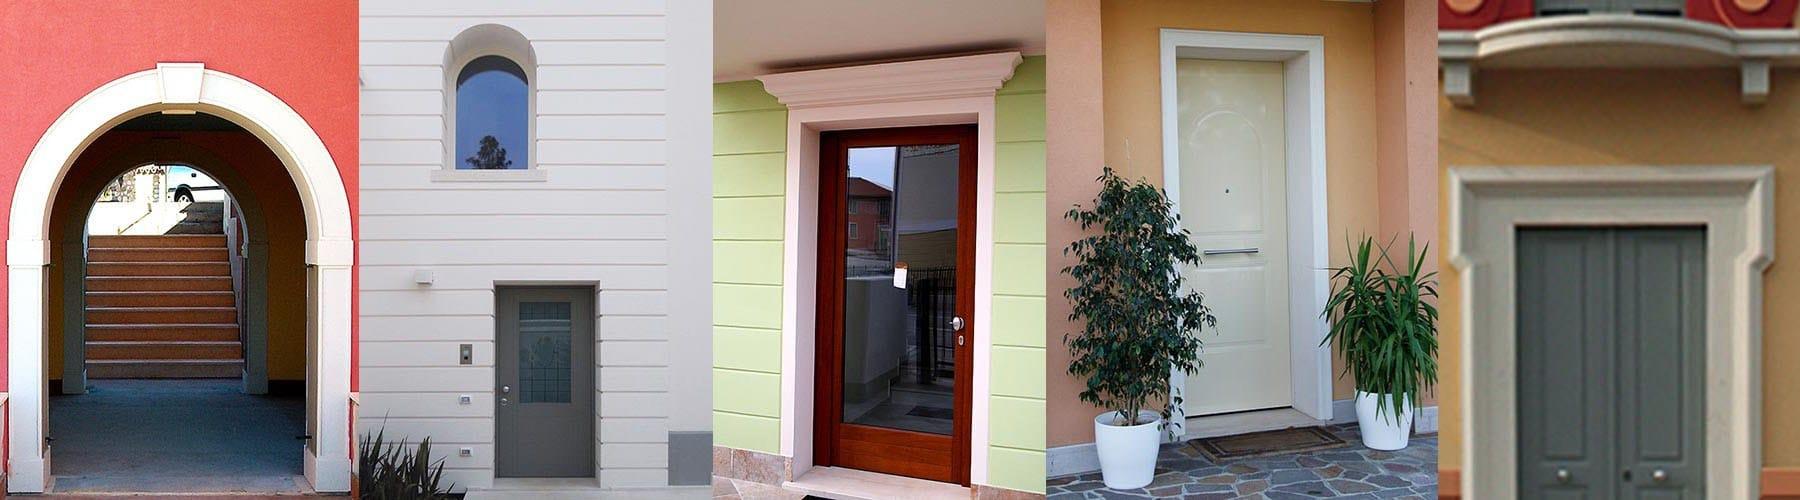 Cornice per porte e portali d 39 ingresso by eleni - Cornicione casa ...